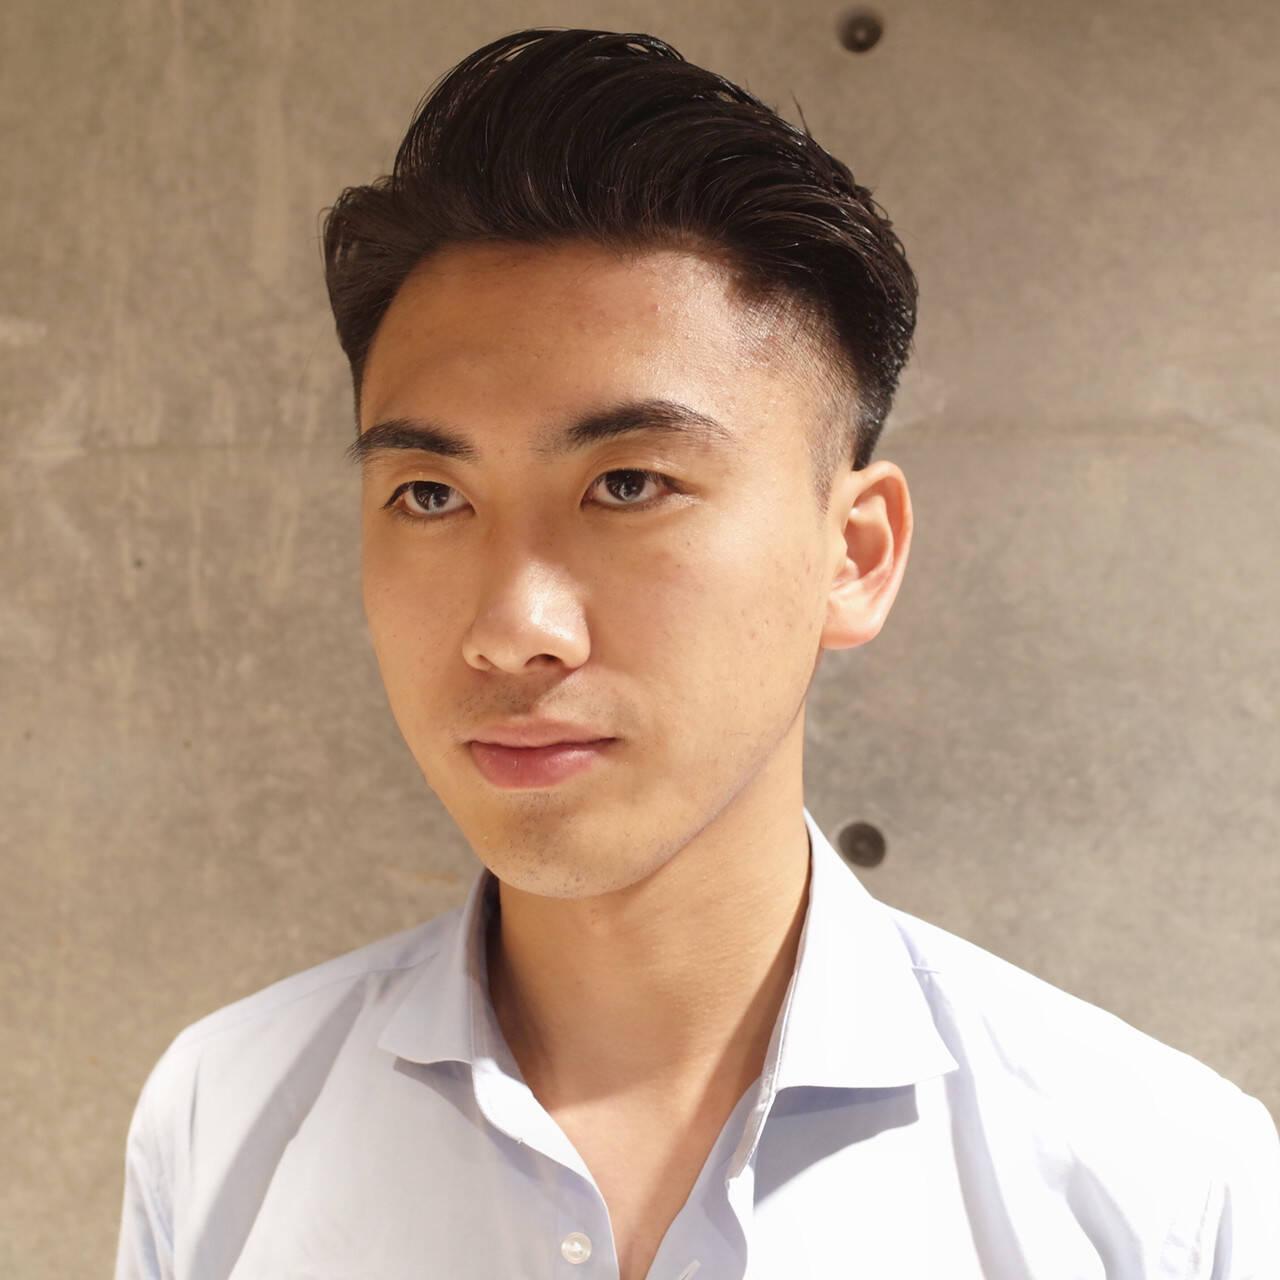 コンサバ ツーブロック メンズヘア メンズヘアスタイルや髪型の写真・画像